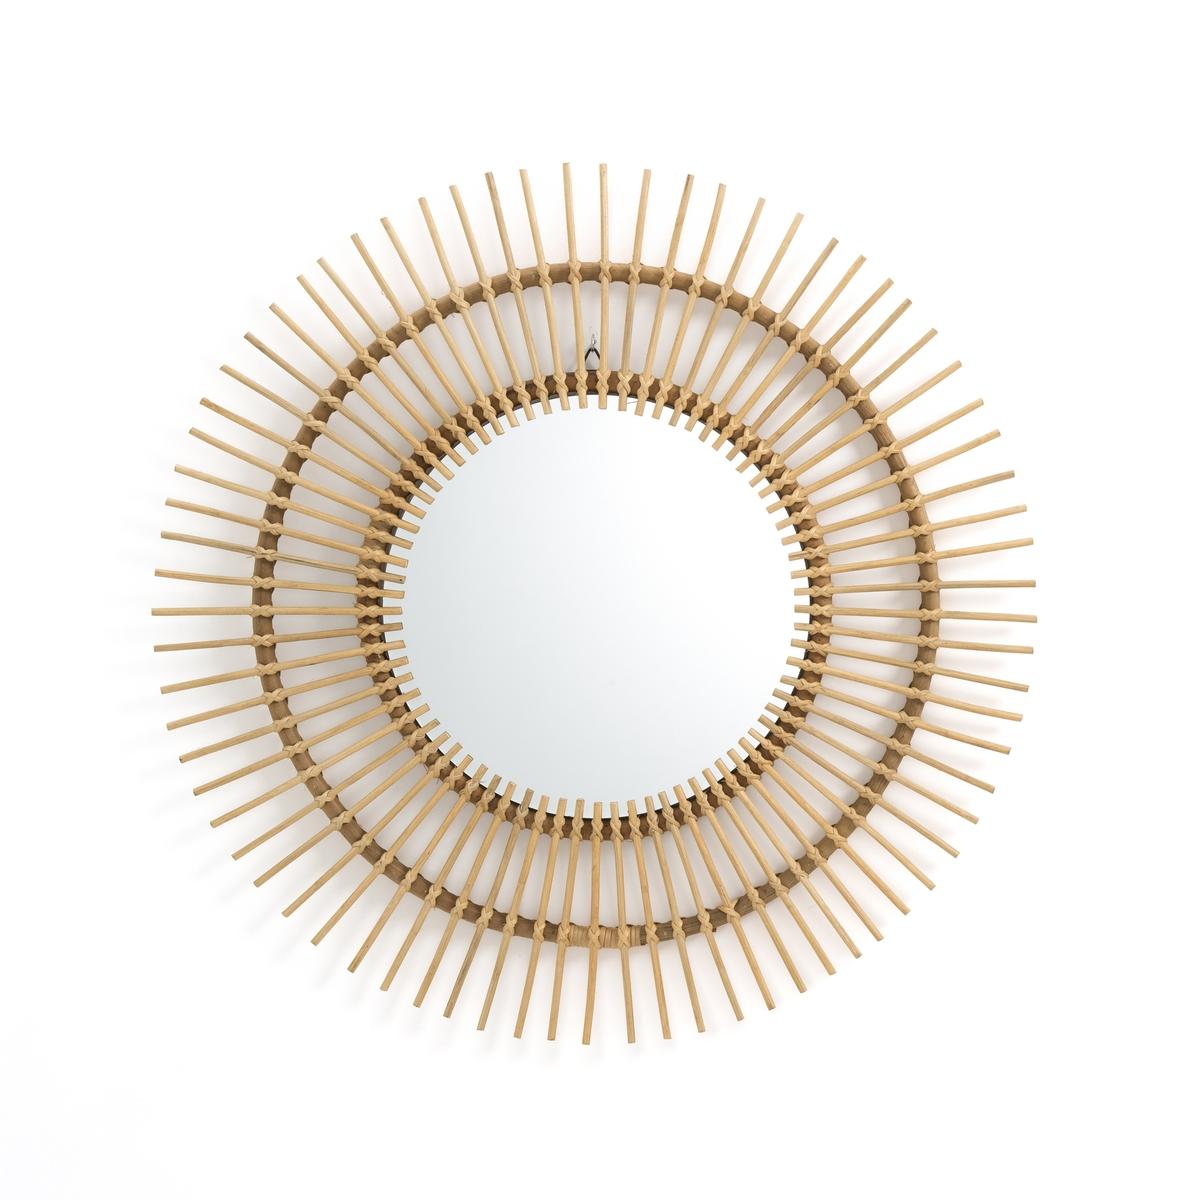 Зеркало La Redoute Из ротанга в форме солнца см Nogu единый размер бежевый